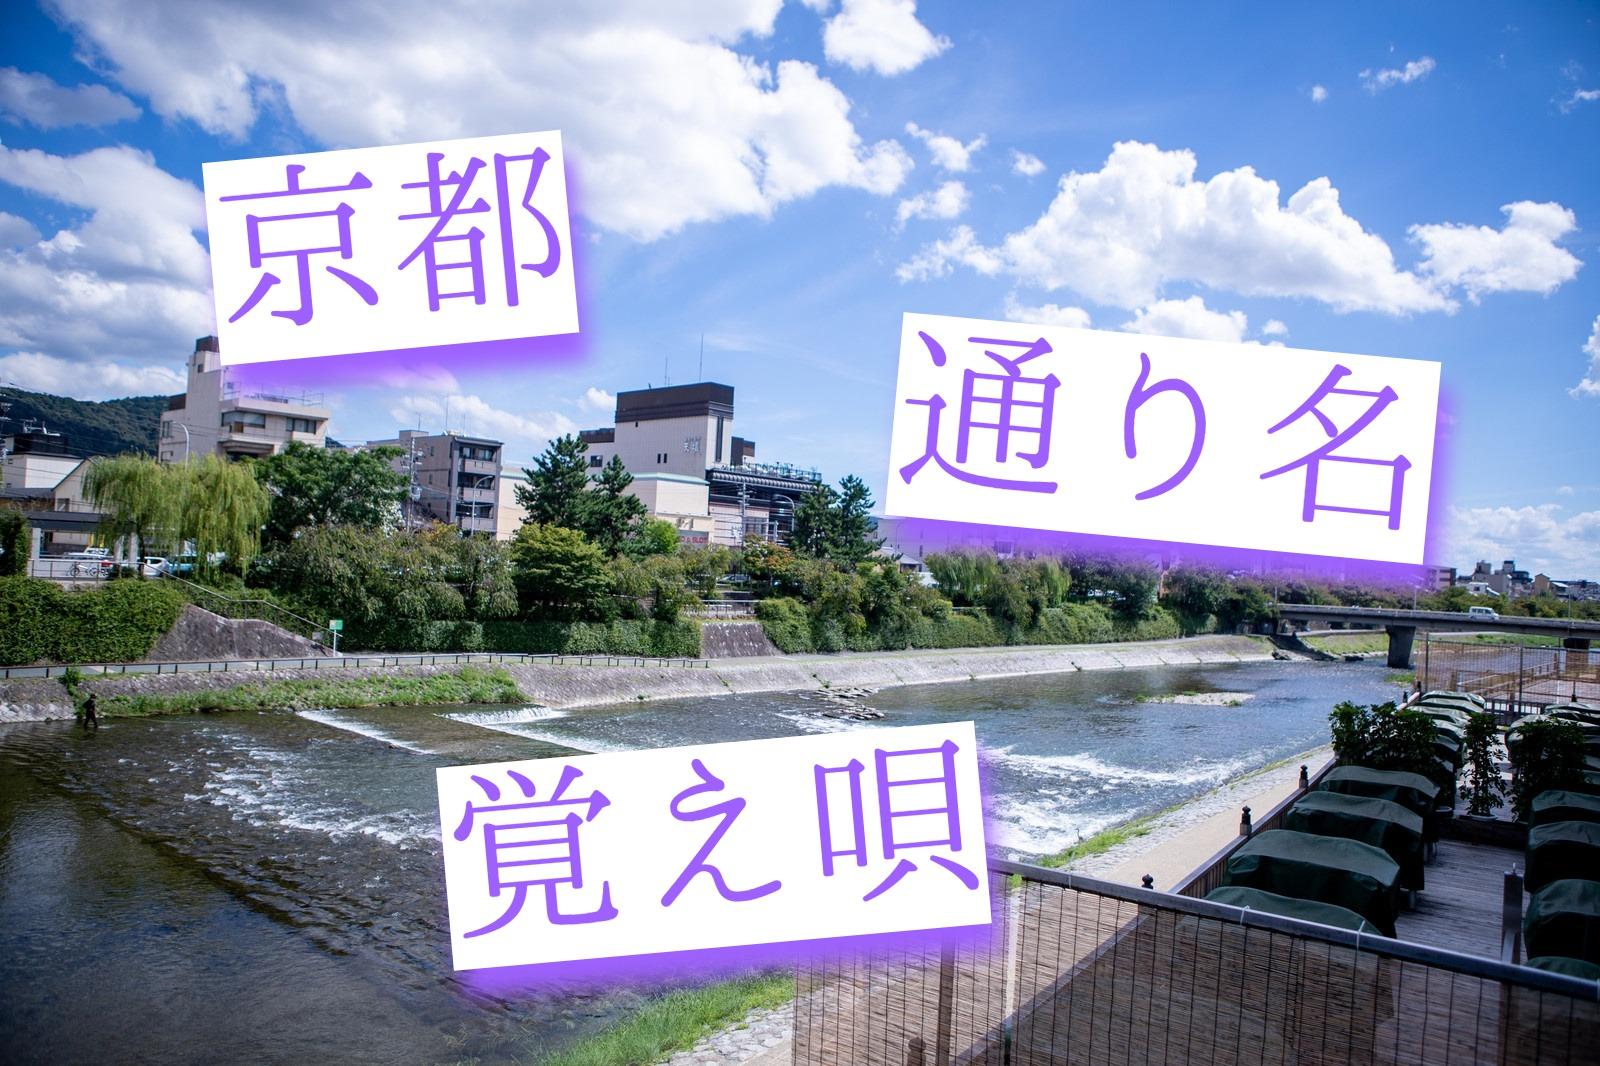 京都を知る!通り名の覚え唄をご紹介